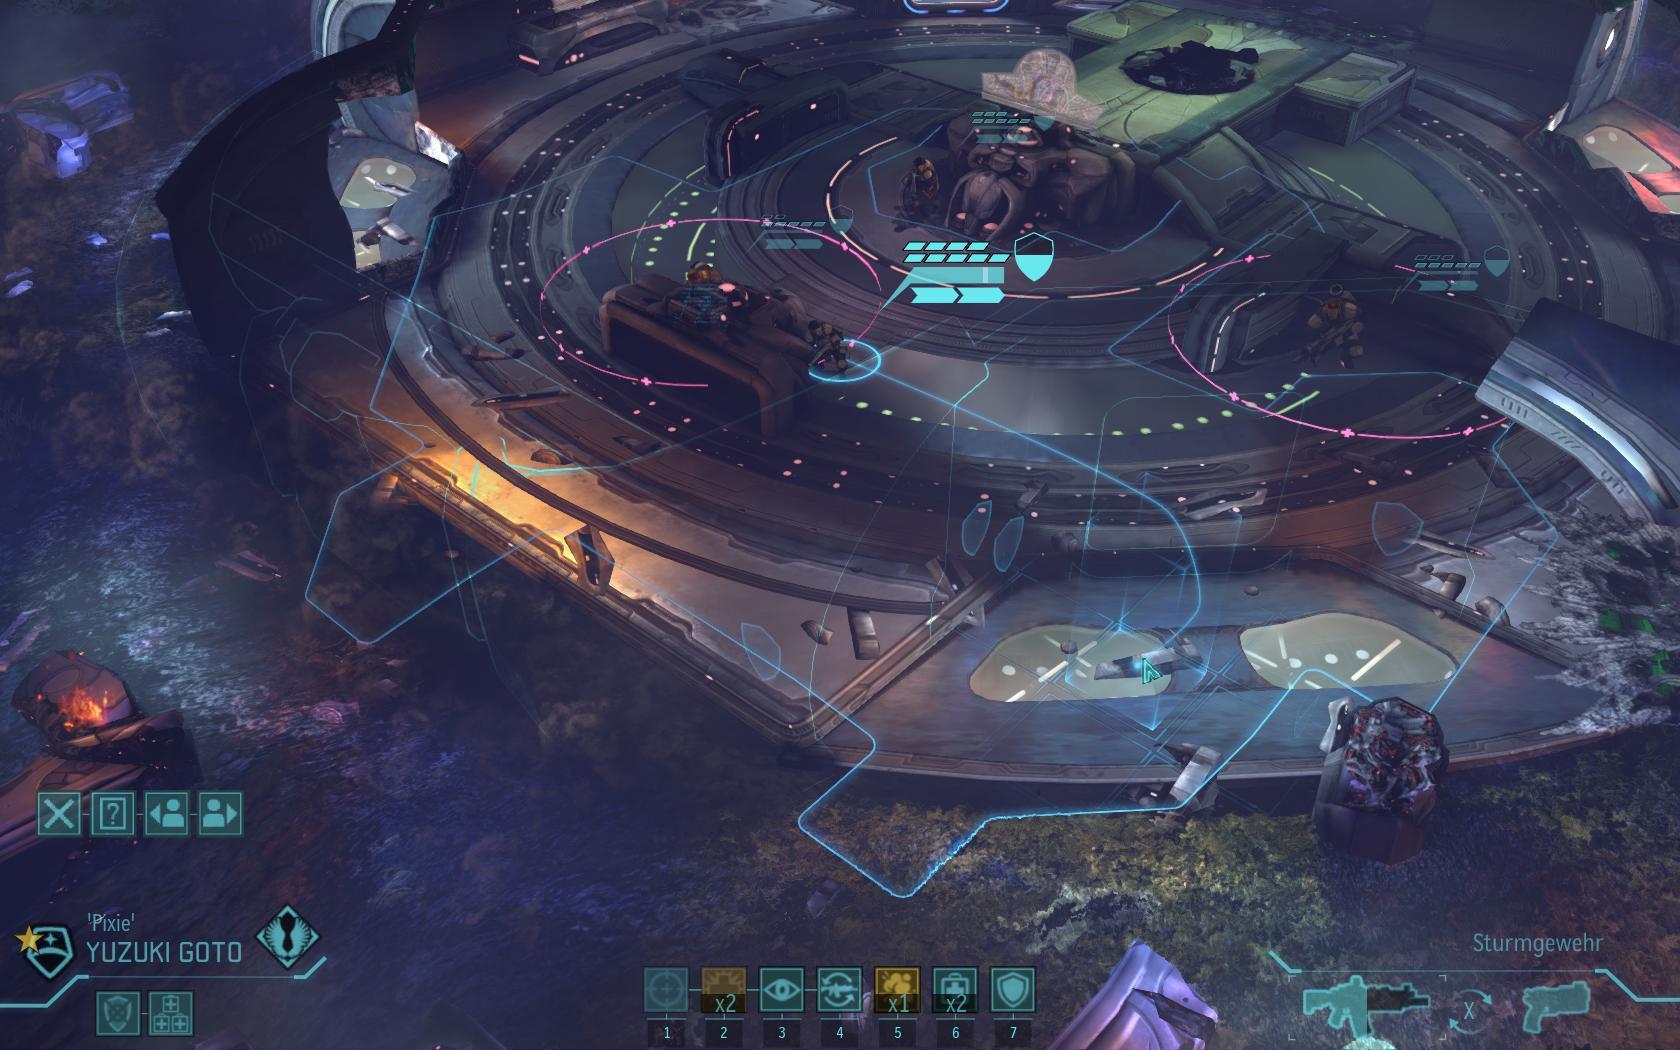 Test-Video Xcom Enemy Unknown: Außerirdisch gute Rundentaktik - Unser Trupp erkundet das Ufo von innen...